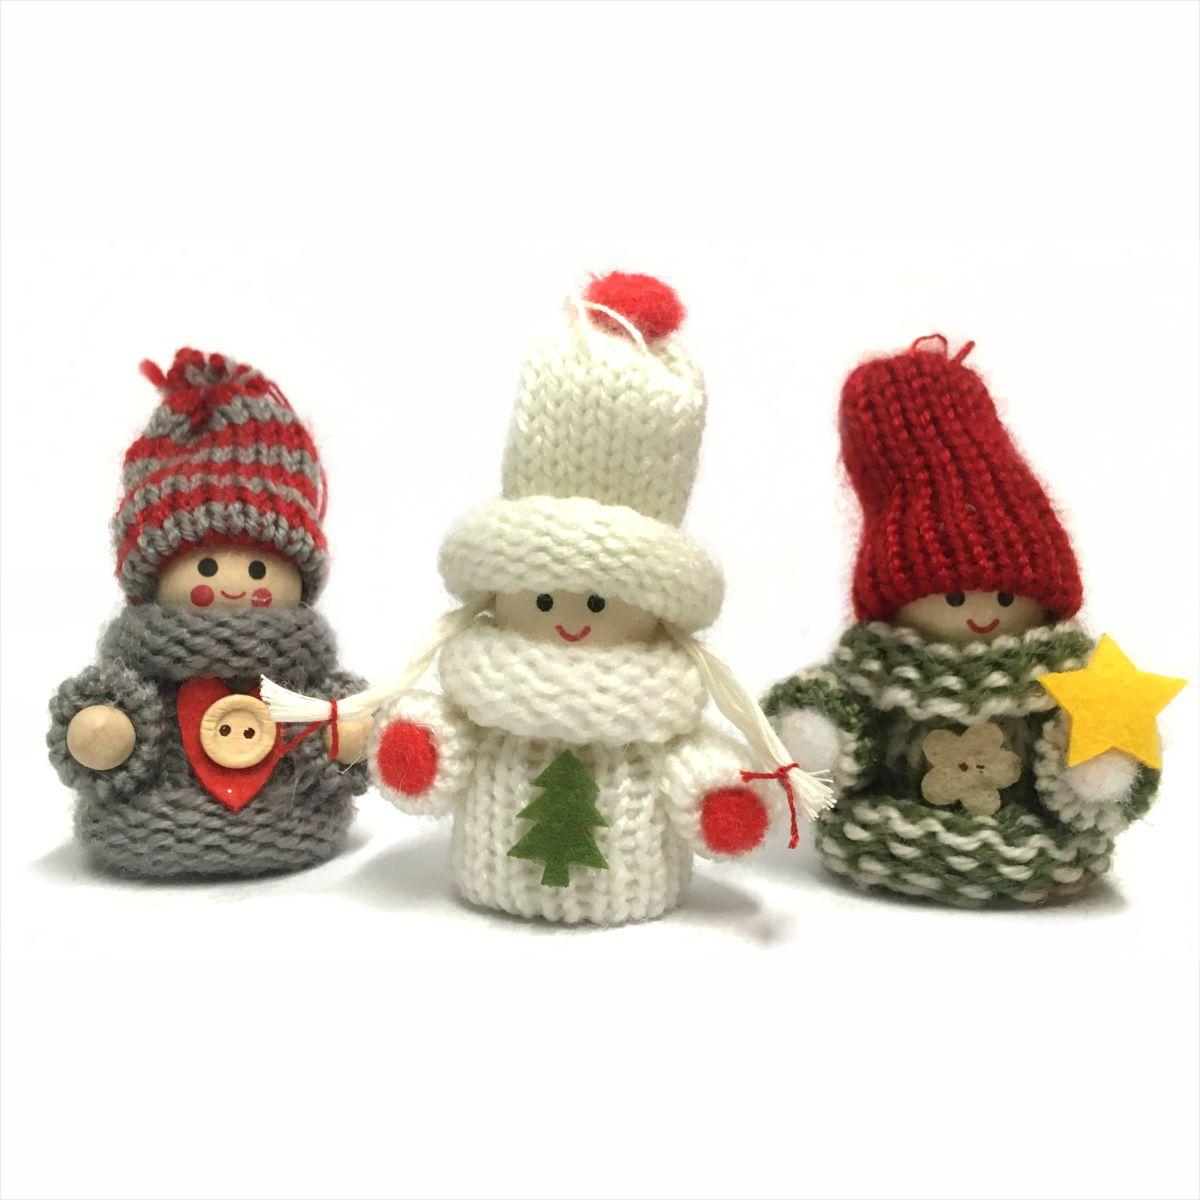 Świąteczna figurka dzieci